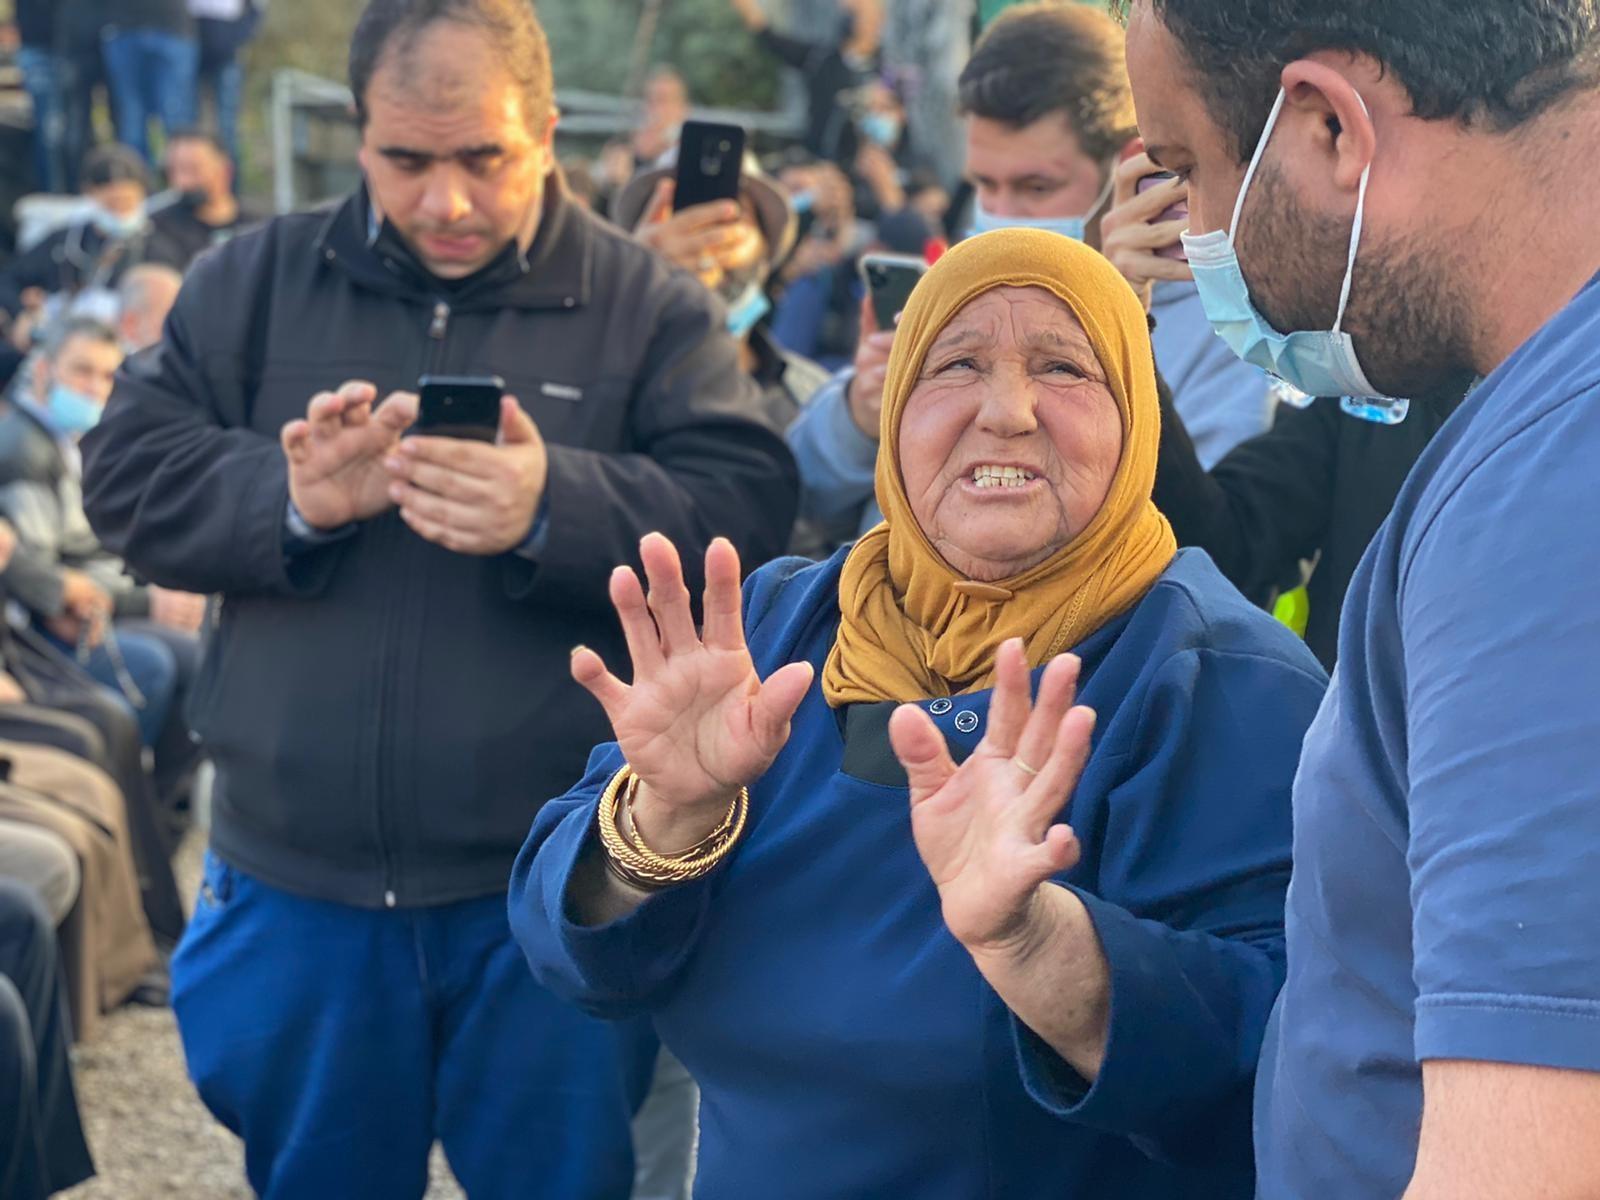 أم جبر، والدة الشهيد أحمد حجازي في المظاهرة اليوم